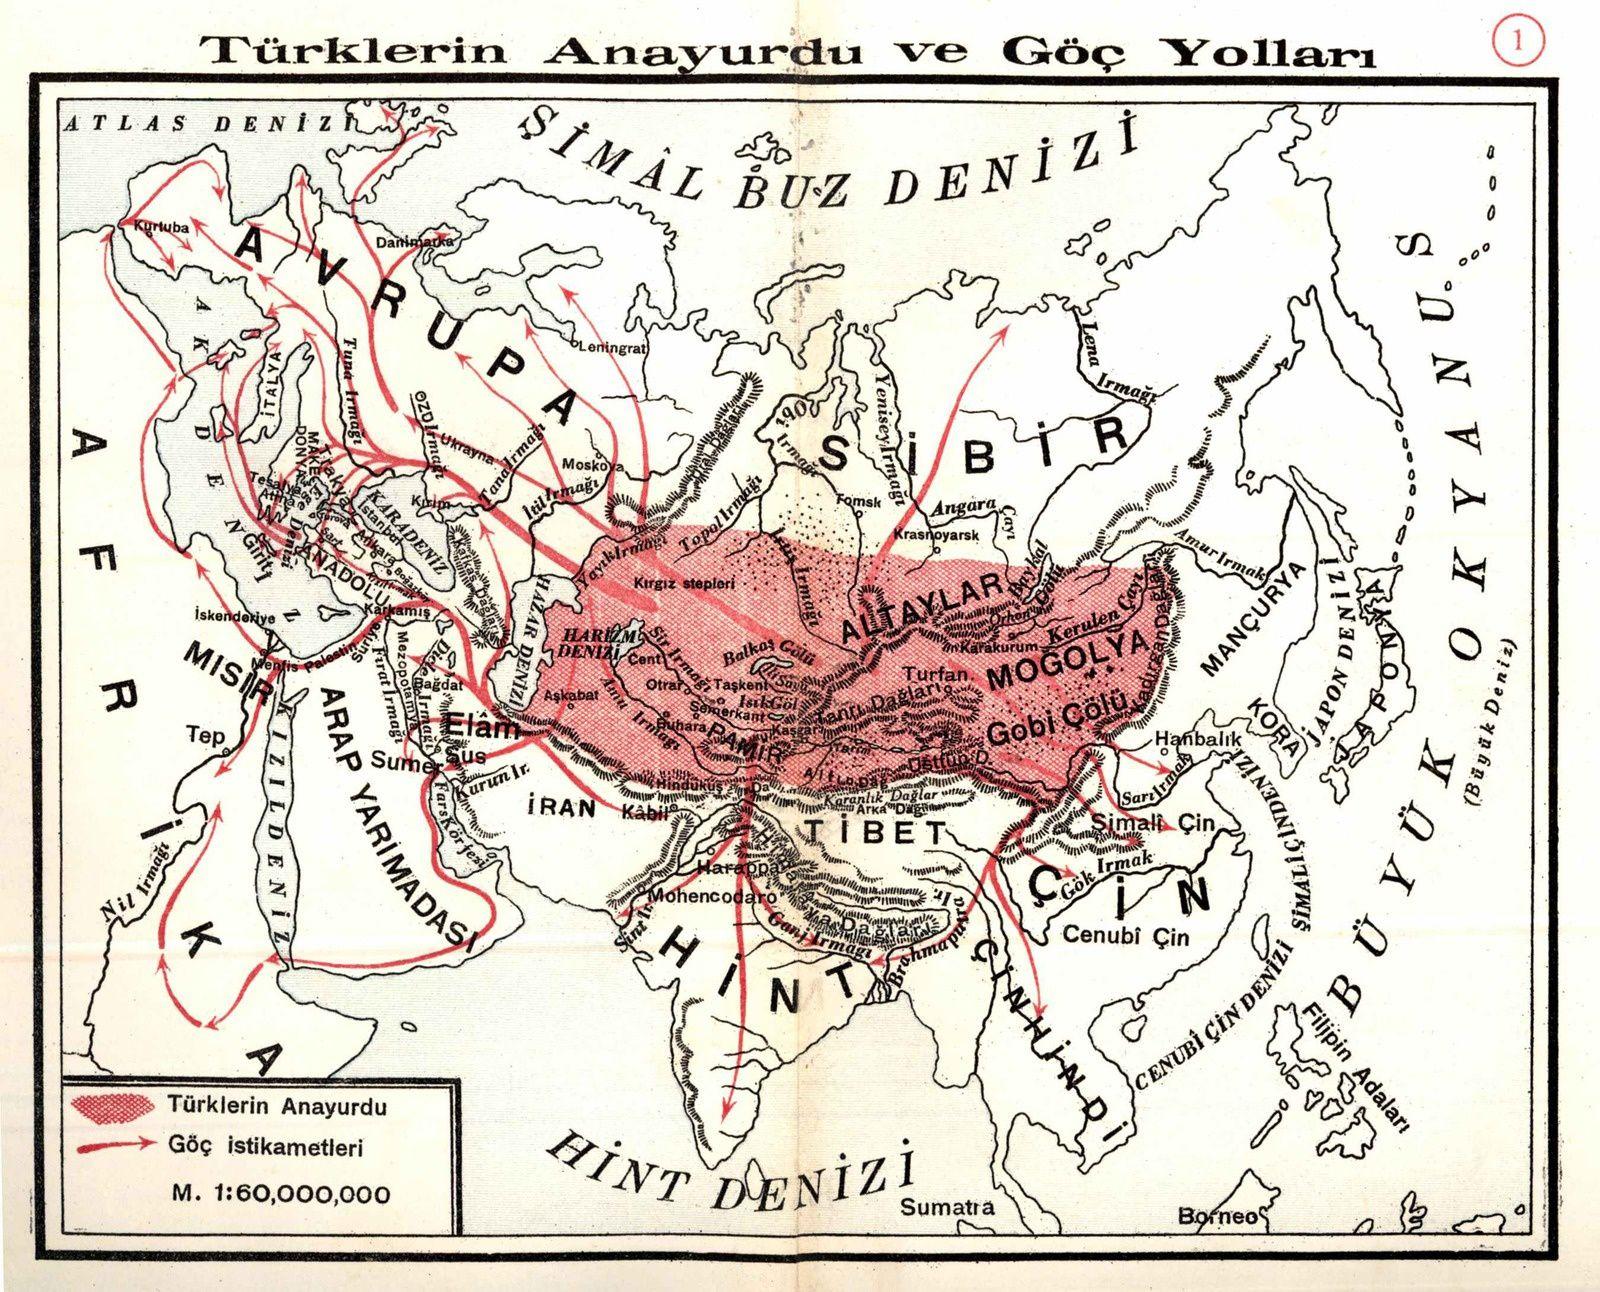 La migration alléguée des Turcs dans le continent eurasiatique... au VIIe millénaire avant J.C., qui aurait permis la naissance des civilisation. Carte extraite du manuel de la Société d'histoire turque pour la première année de lycée, 1931